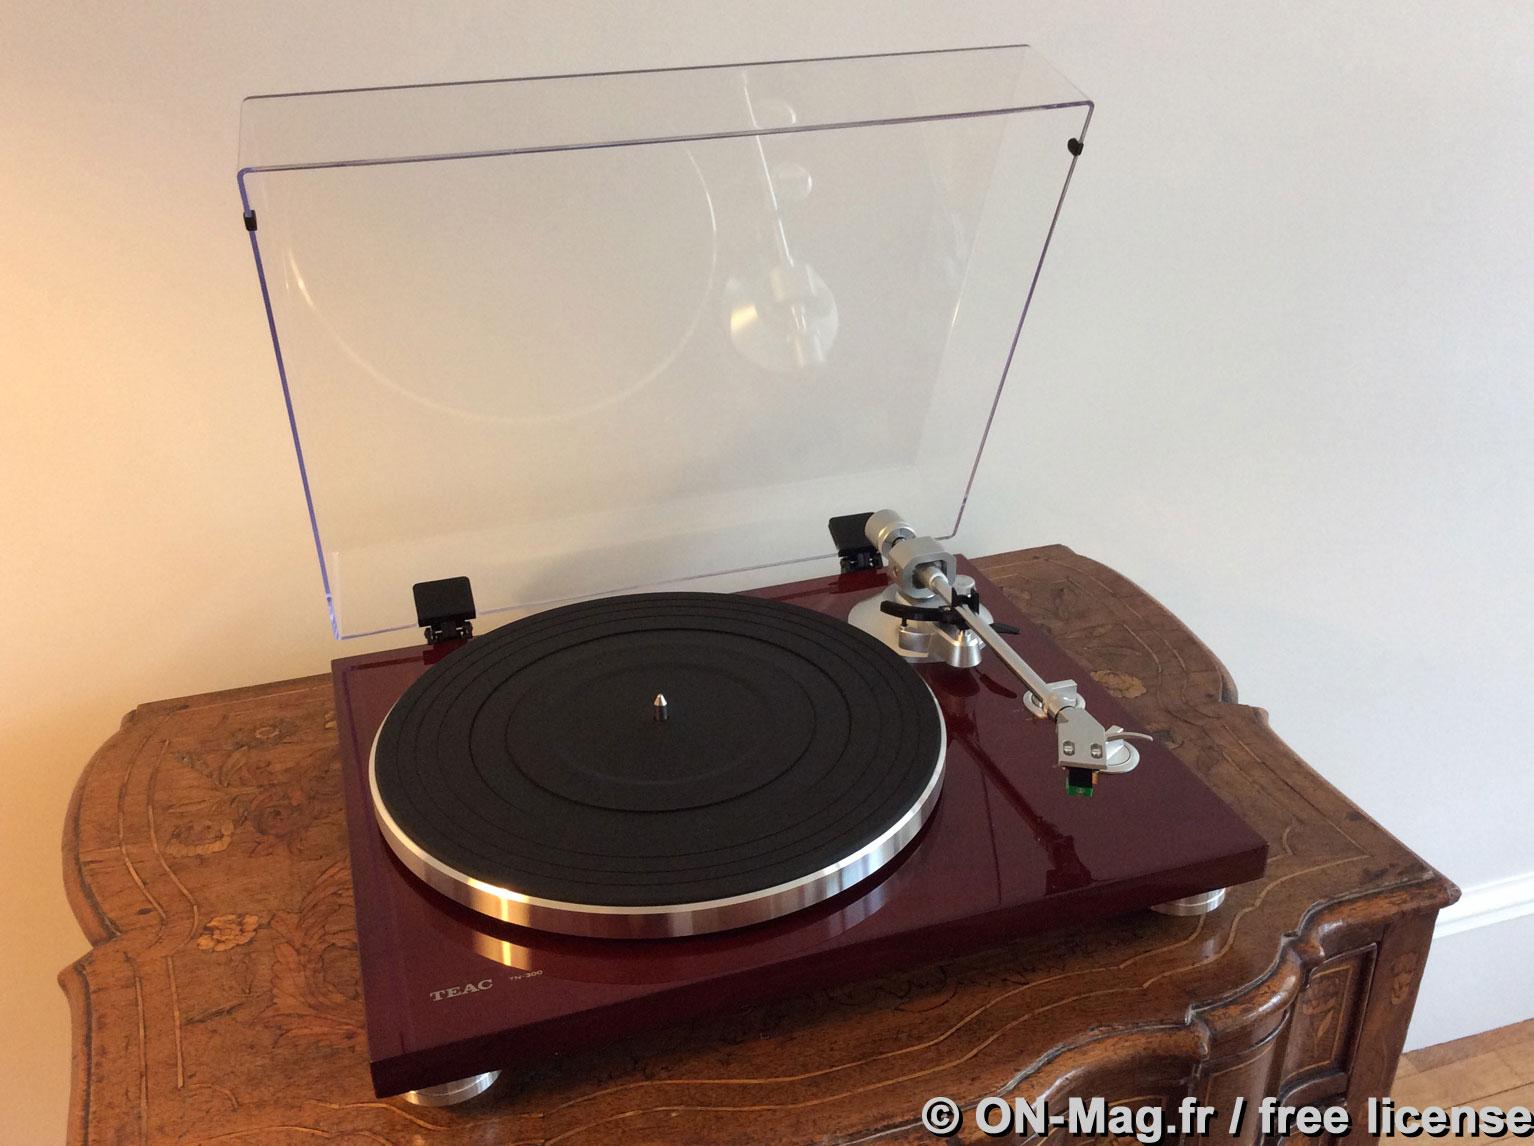 test platine vinyle teac tn 300 une bonne introduction au monde du disque analogique on mag. Black Bedroom Furniture Sets. Home Design Ideas